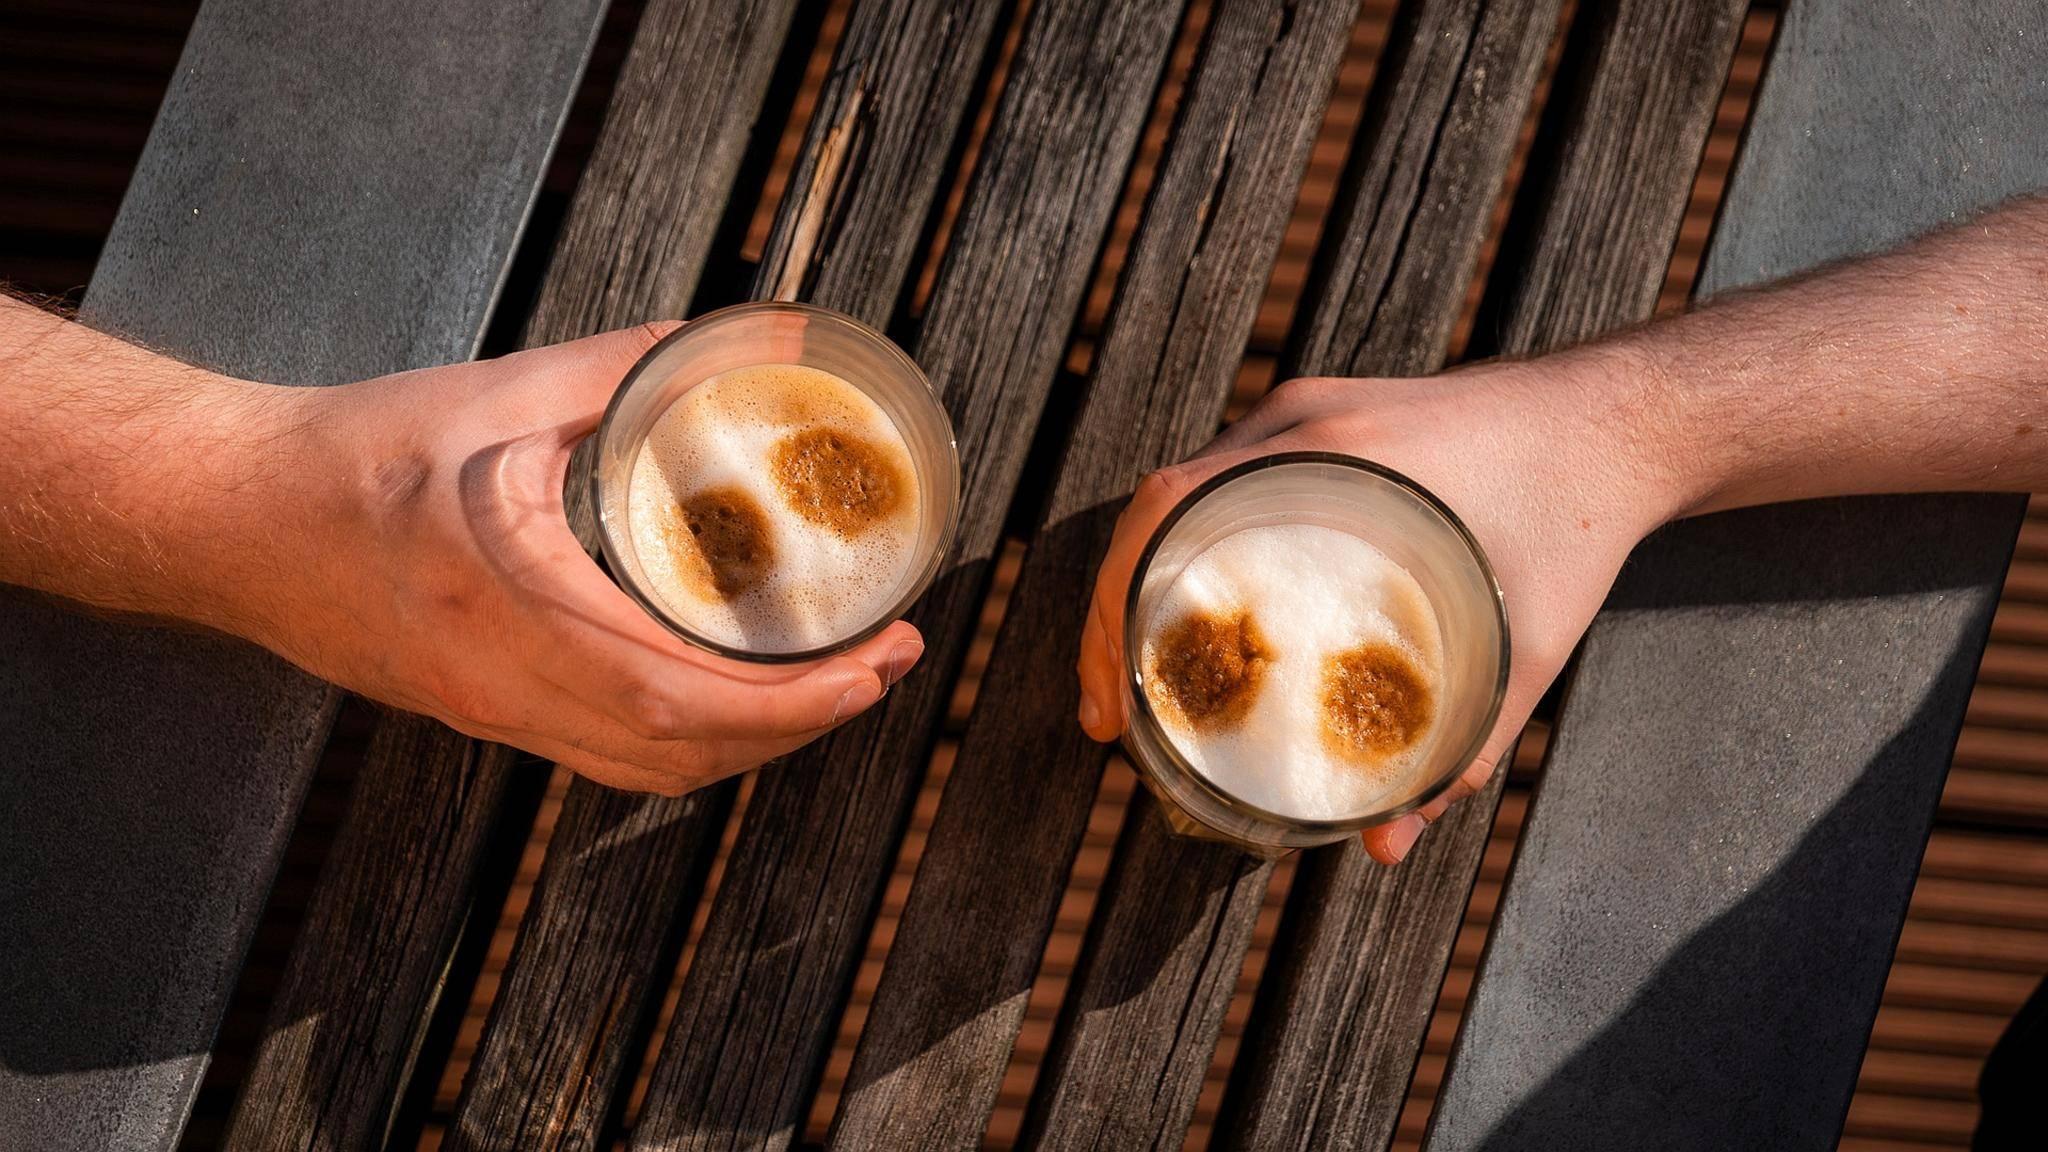 kaffee-tipps-turn-on-kaffeeglaser